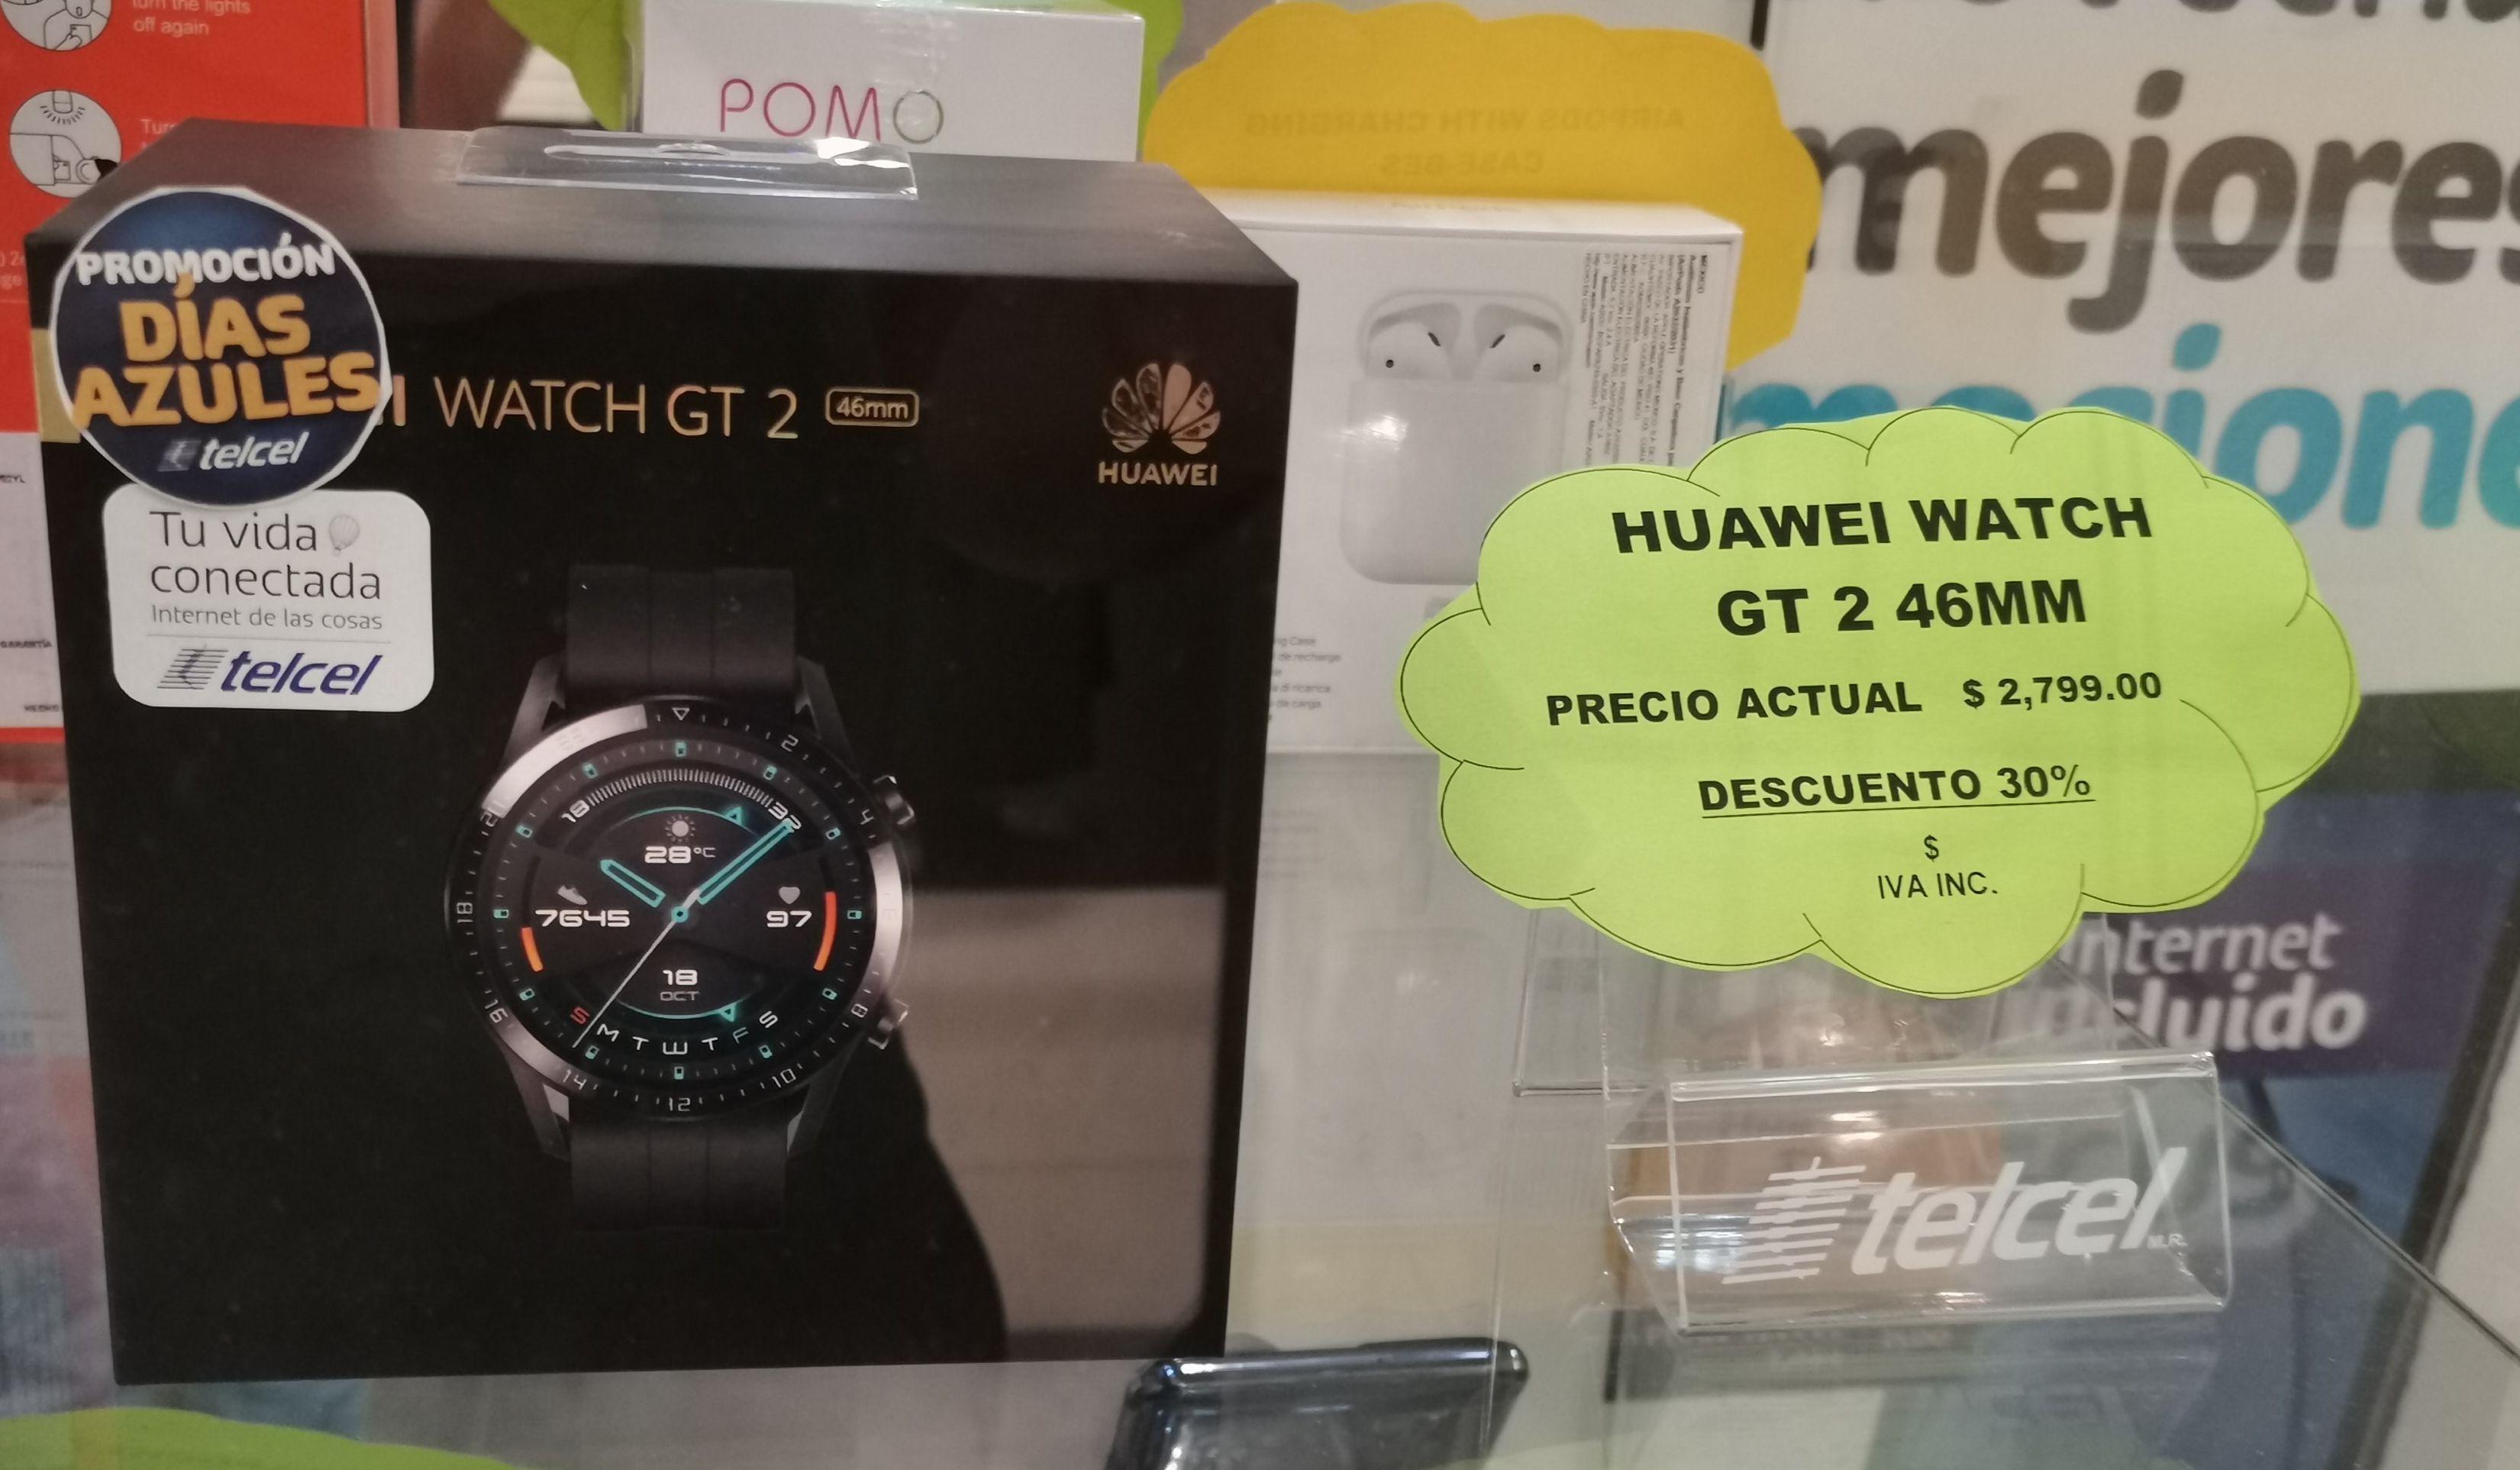 Telcel: Huawei watch gt2 46 mm